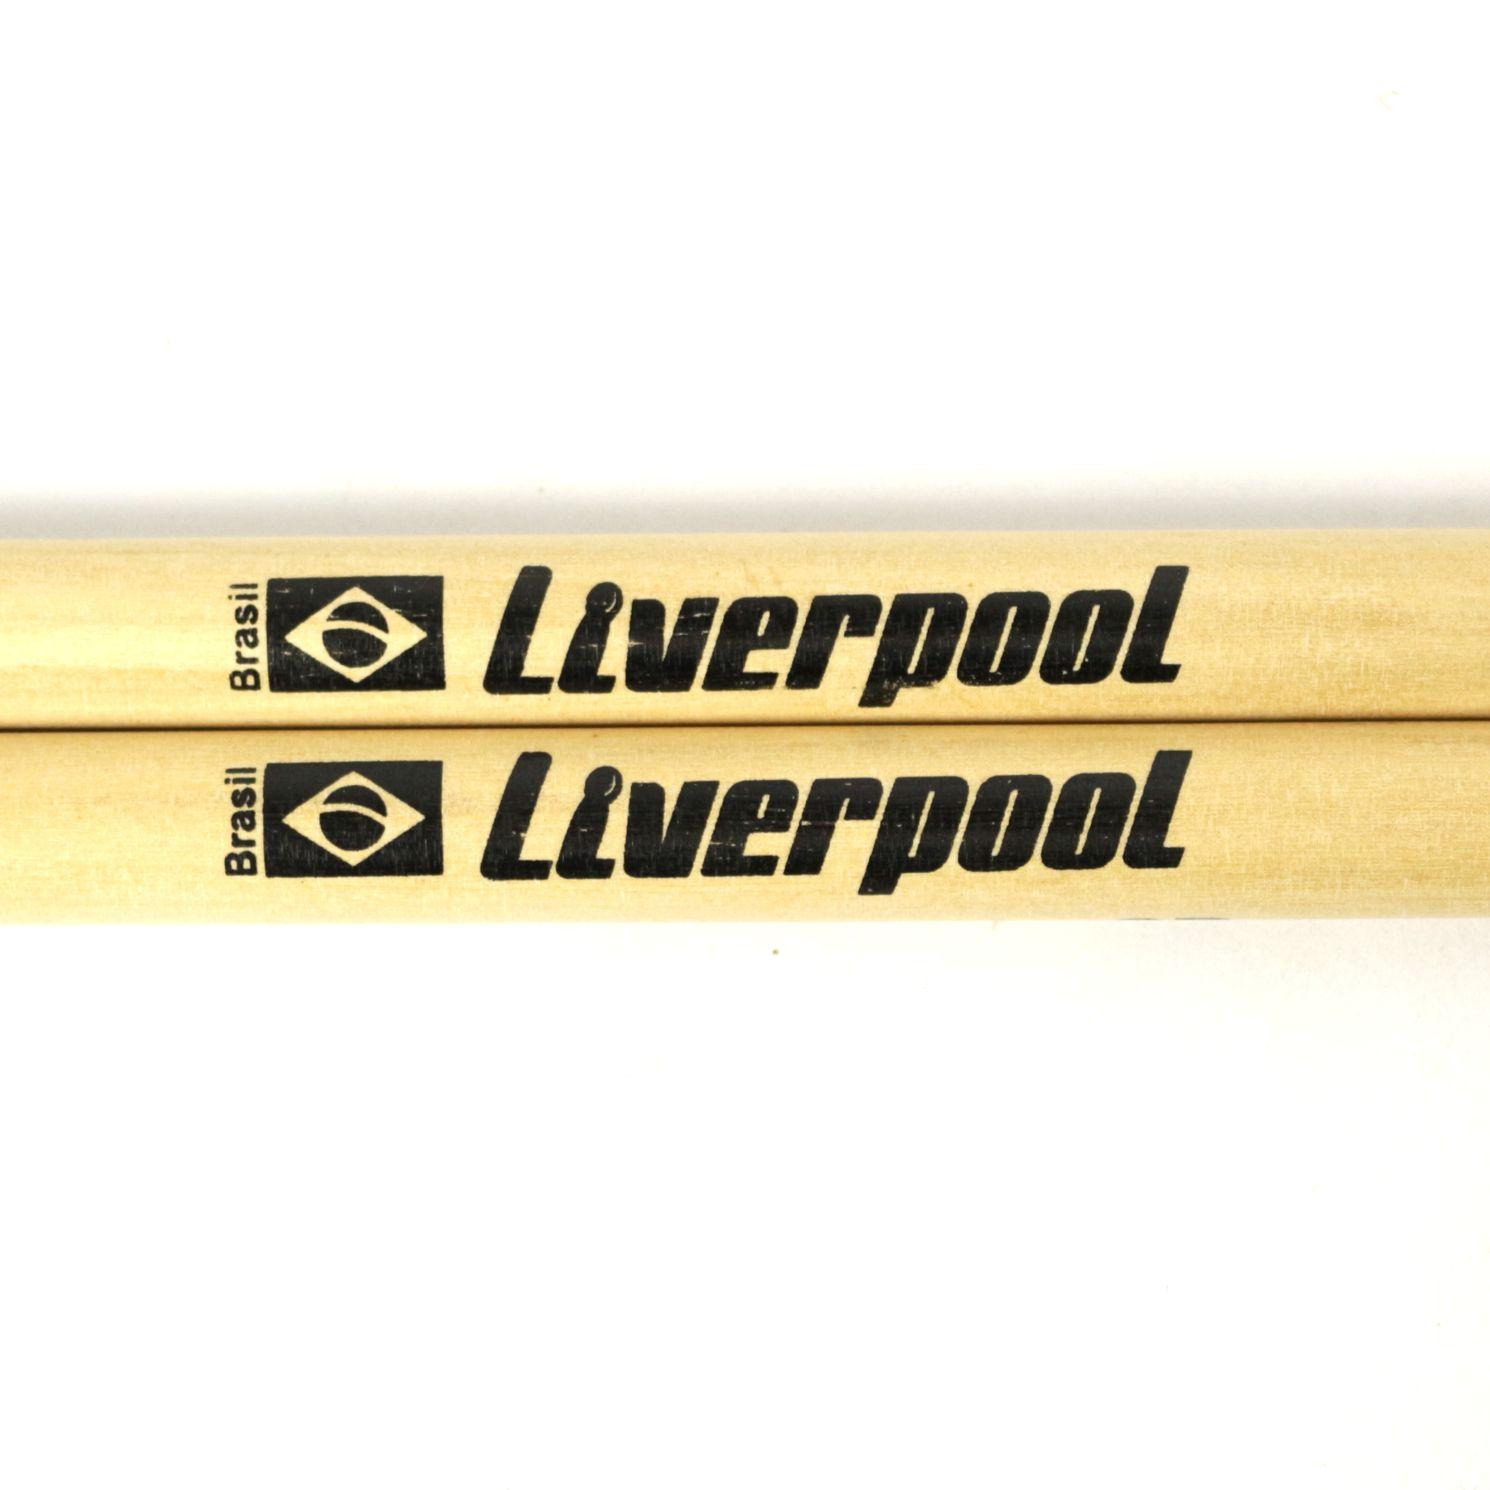 Baquetas 7A em Marfim Liverpool Classic Series Ponta de NYLON LL 7AN - Pacote com 05 Pares